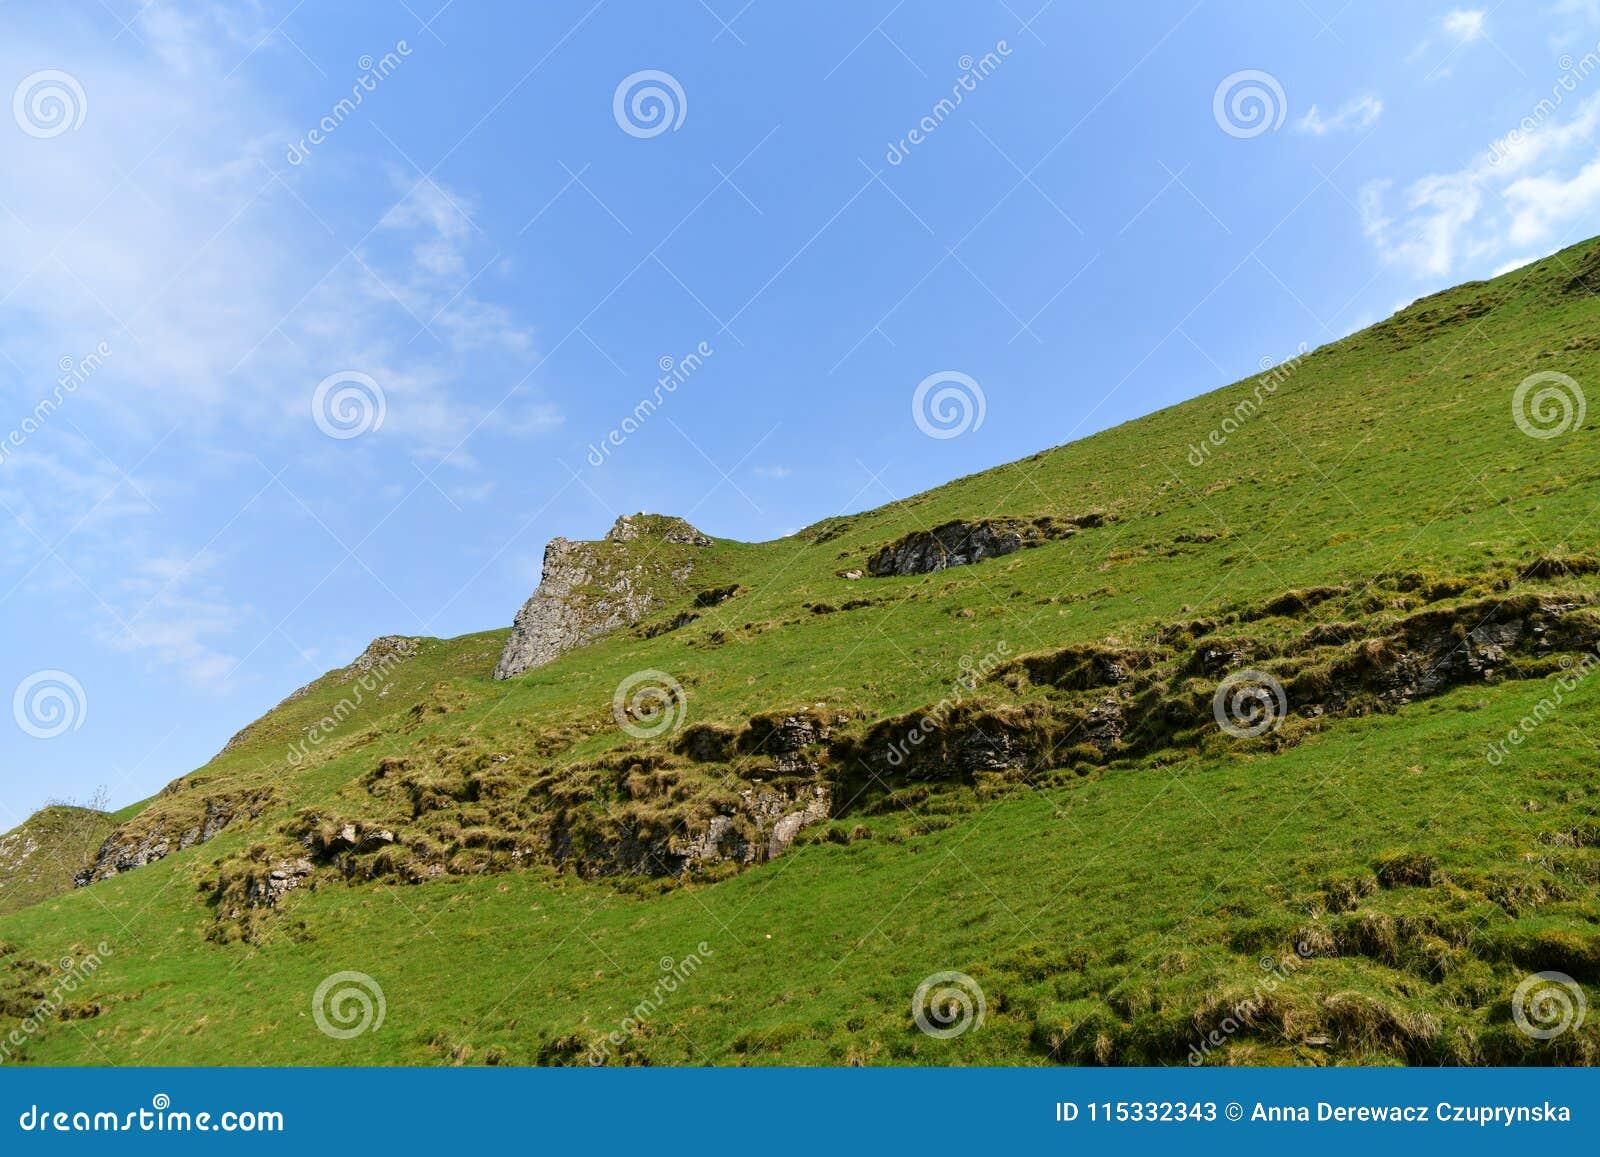 Parque nacional del distrito máximo en Reino Unido